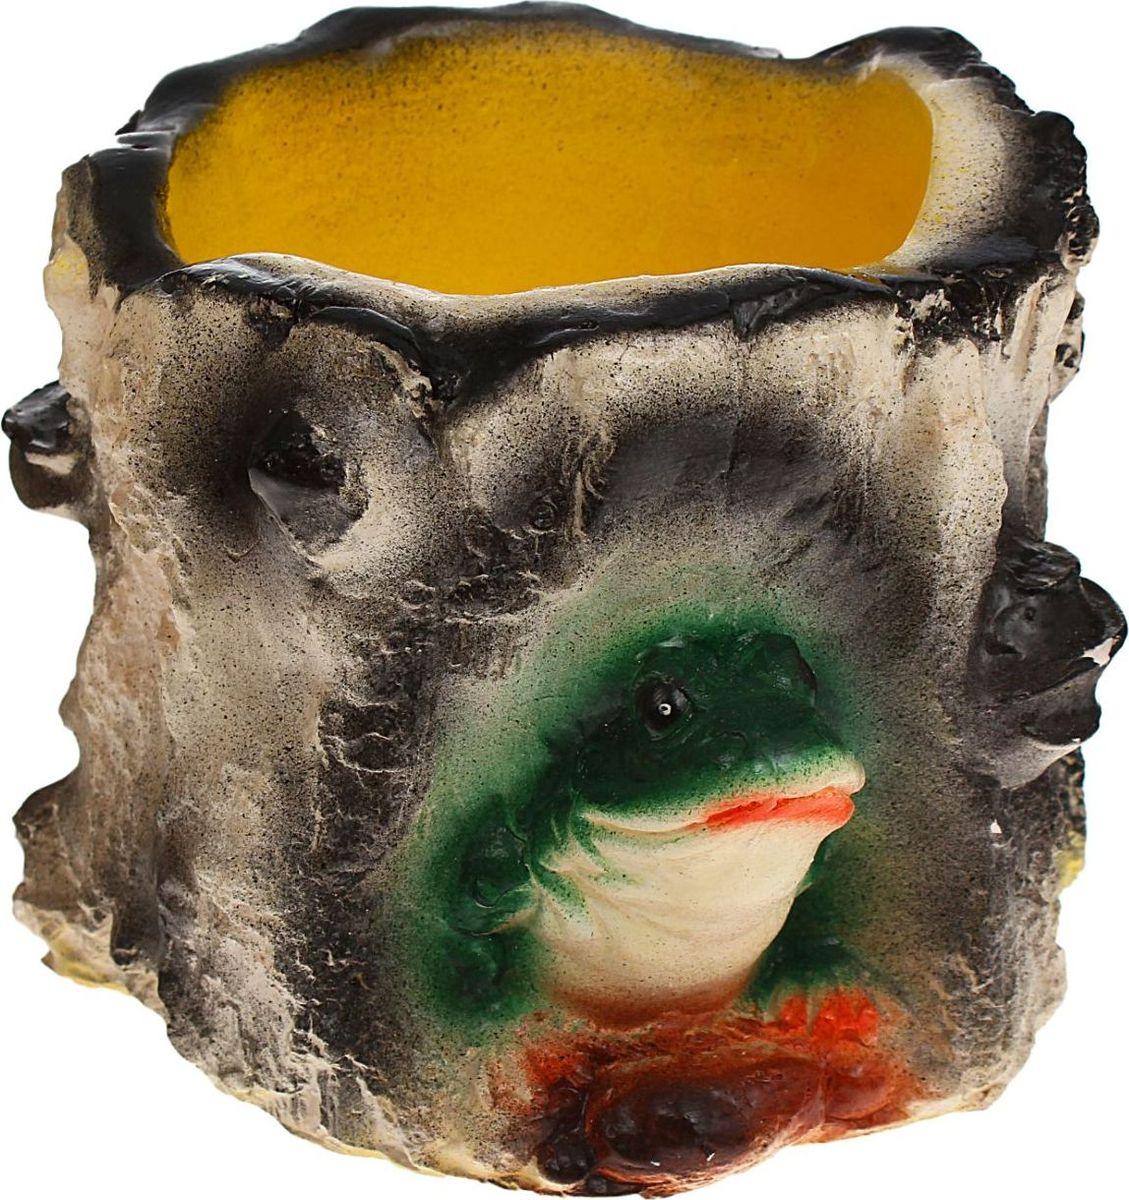 Кашпо Пень с совой, цвет: желтый, 16 х 17 х 14 см1079314Комнатные растения — всеобщие любимцы. Они радуют глаз, насыщают помещение кислородом и украшают пространство. Каждому из растений необходим свой удобный и красивый дом. Поселите зеленого питомца в яркое и оригинальное фигурное кашпо. Выберите подходящую форму для детской, спальни, гостиной, балкона, офиса или террасы. позаботится о растении, украсит окружающее пространство и подчеркнет его оригинальный стиль.